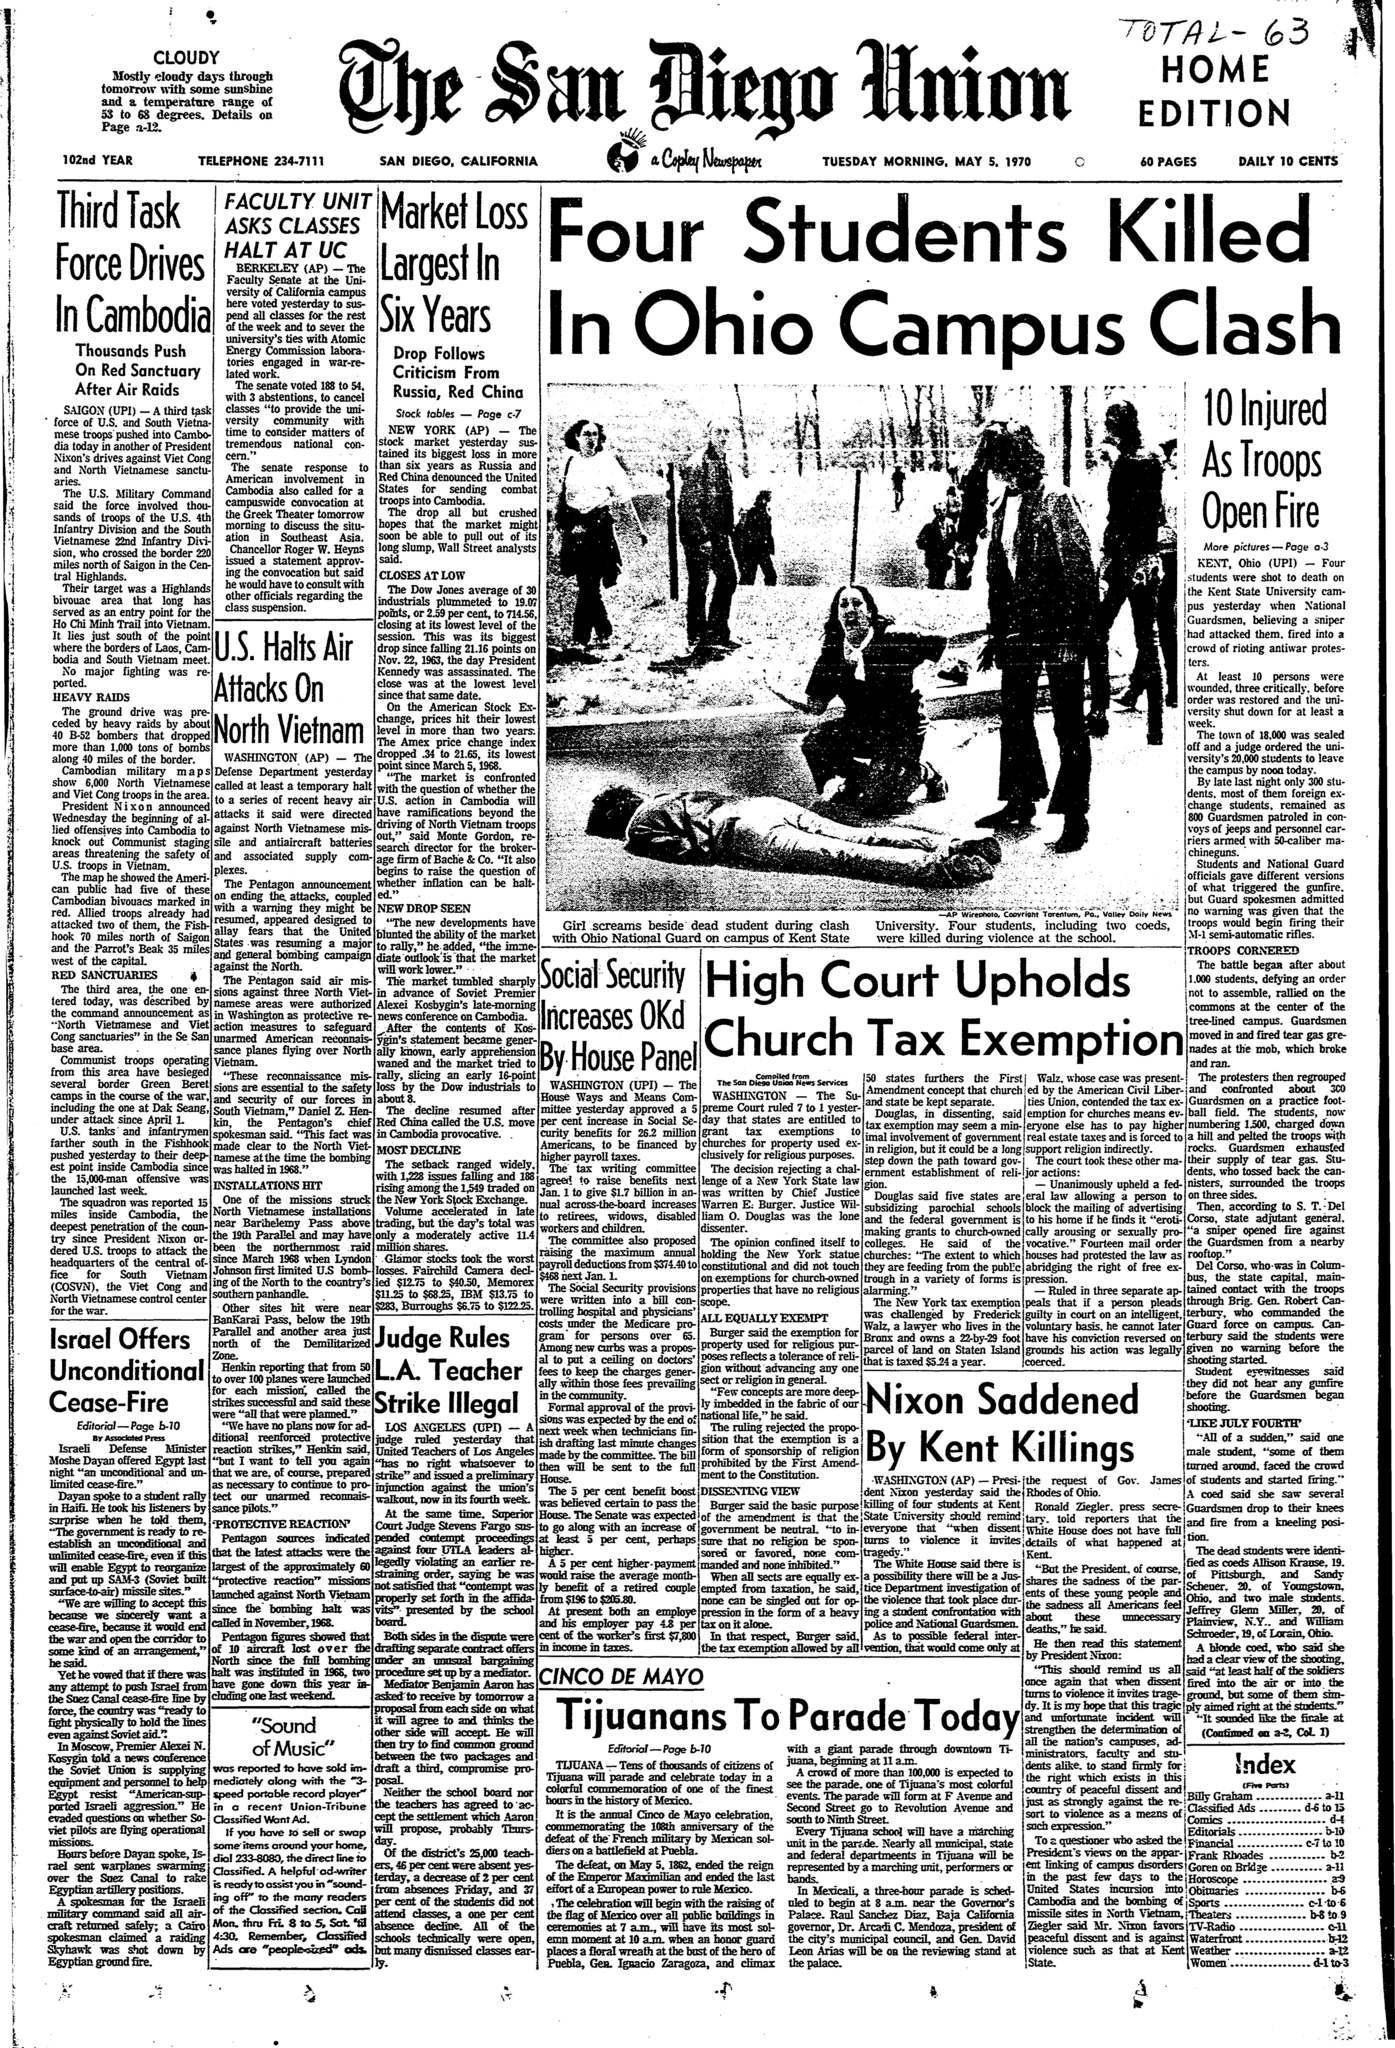 May 5, 1970